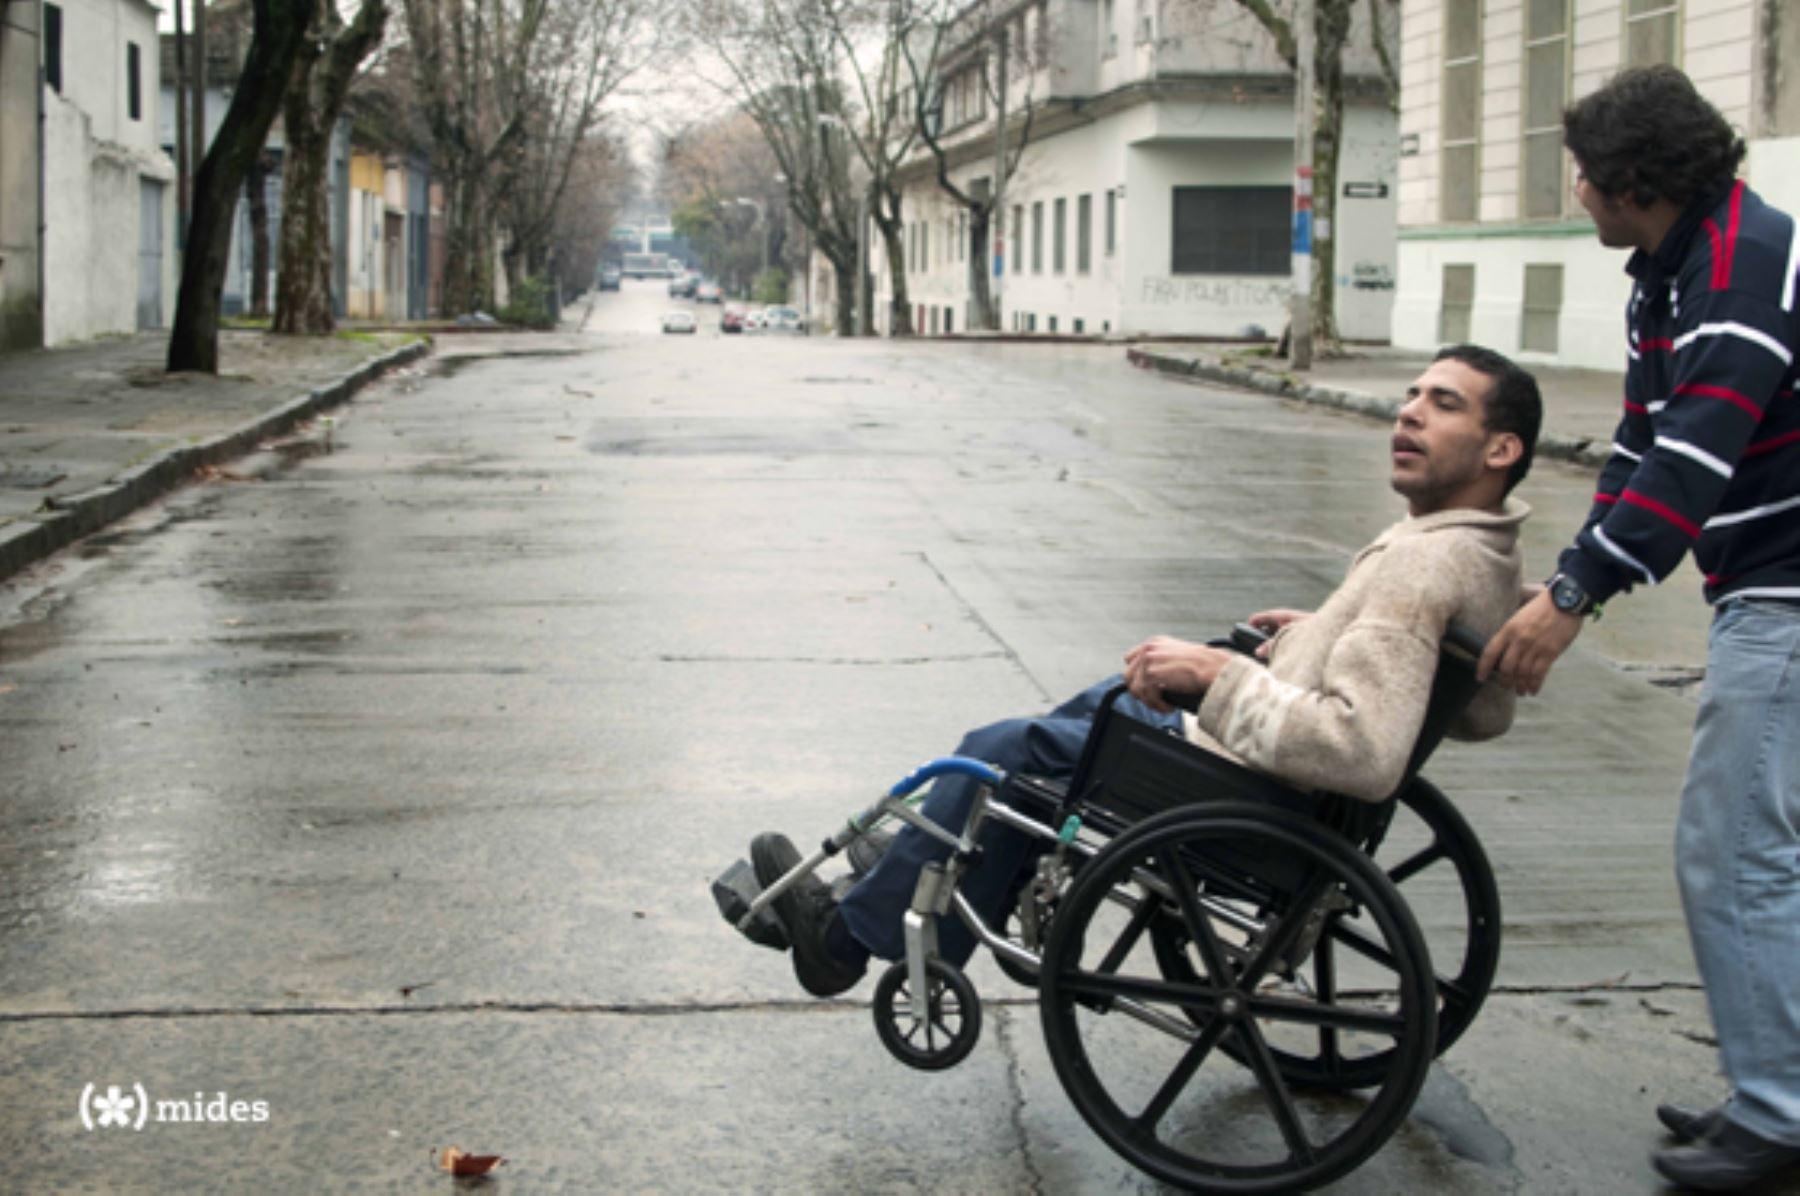 Pensión No contributiva para personas con discapacidad severa pobres, a partir de agosto